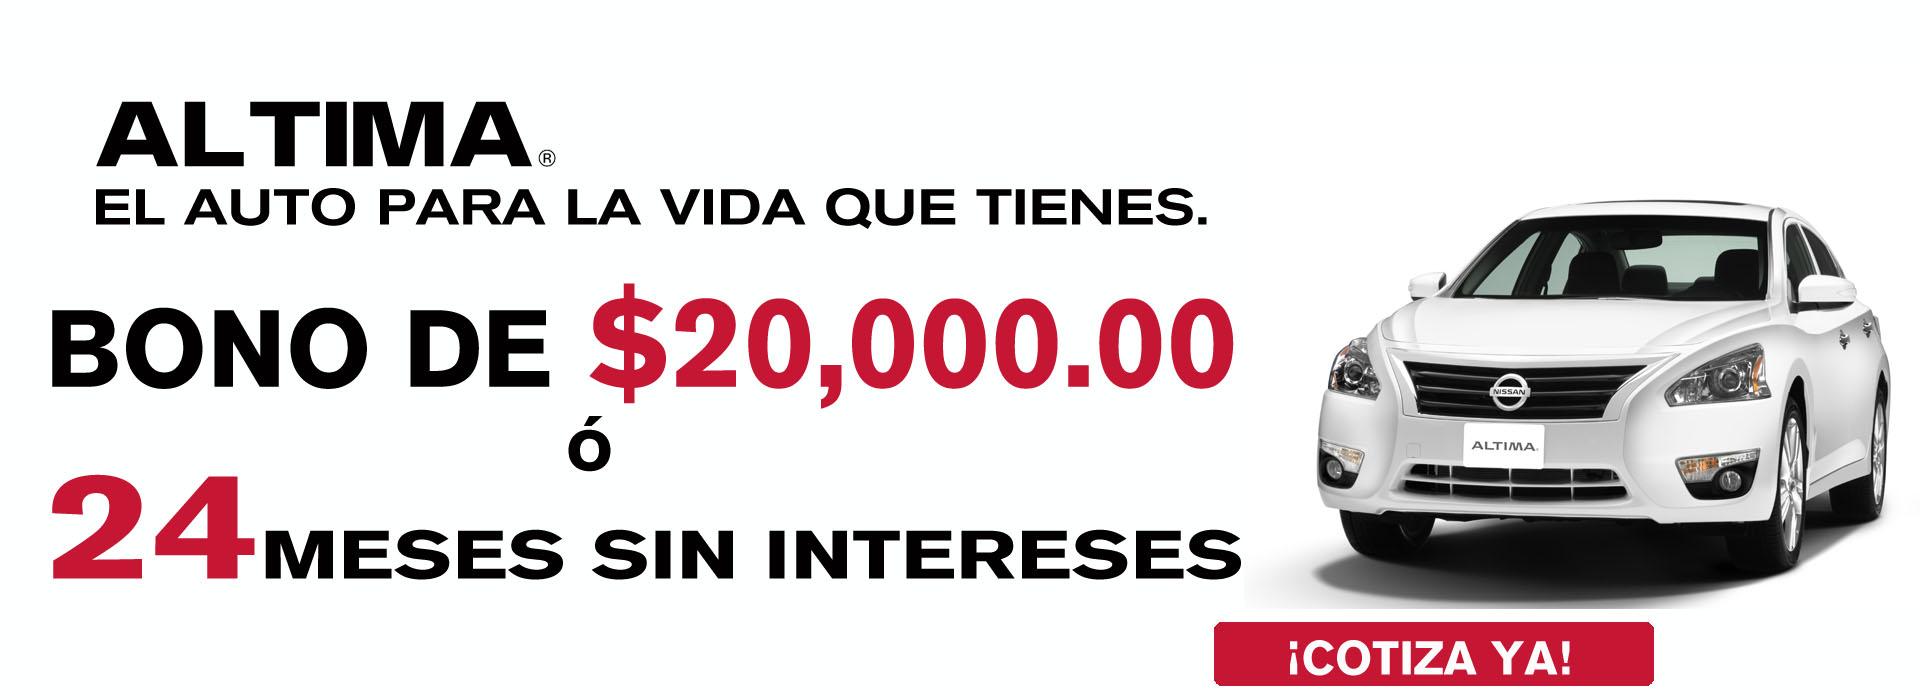 Nissan Altima Promoción